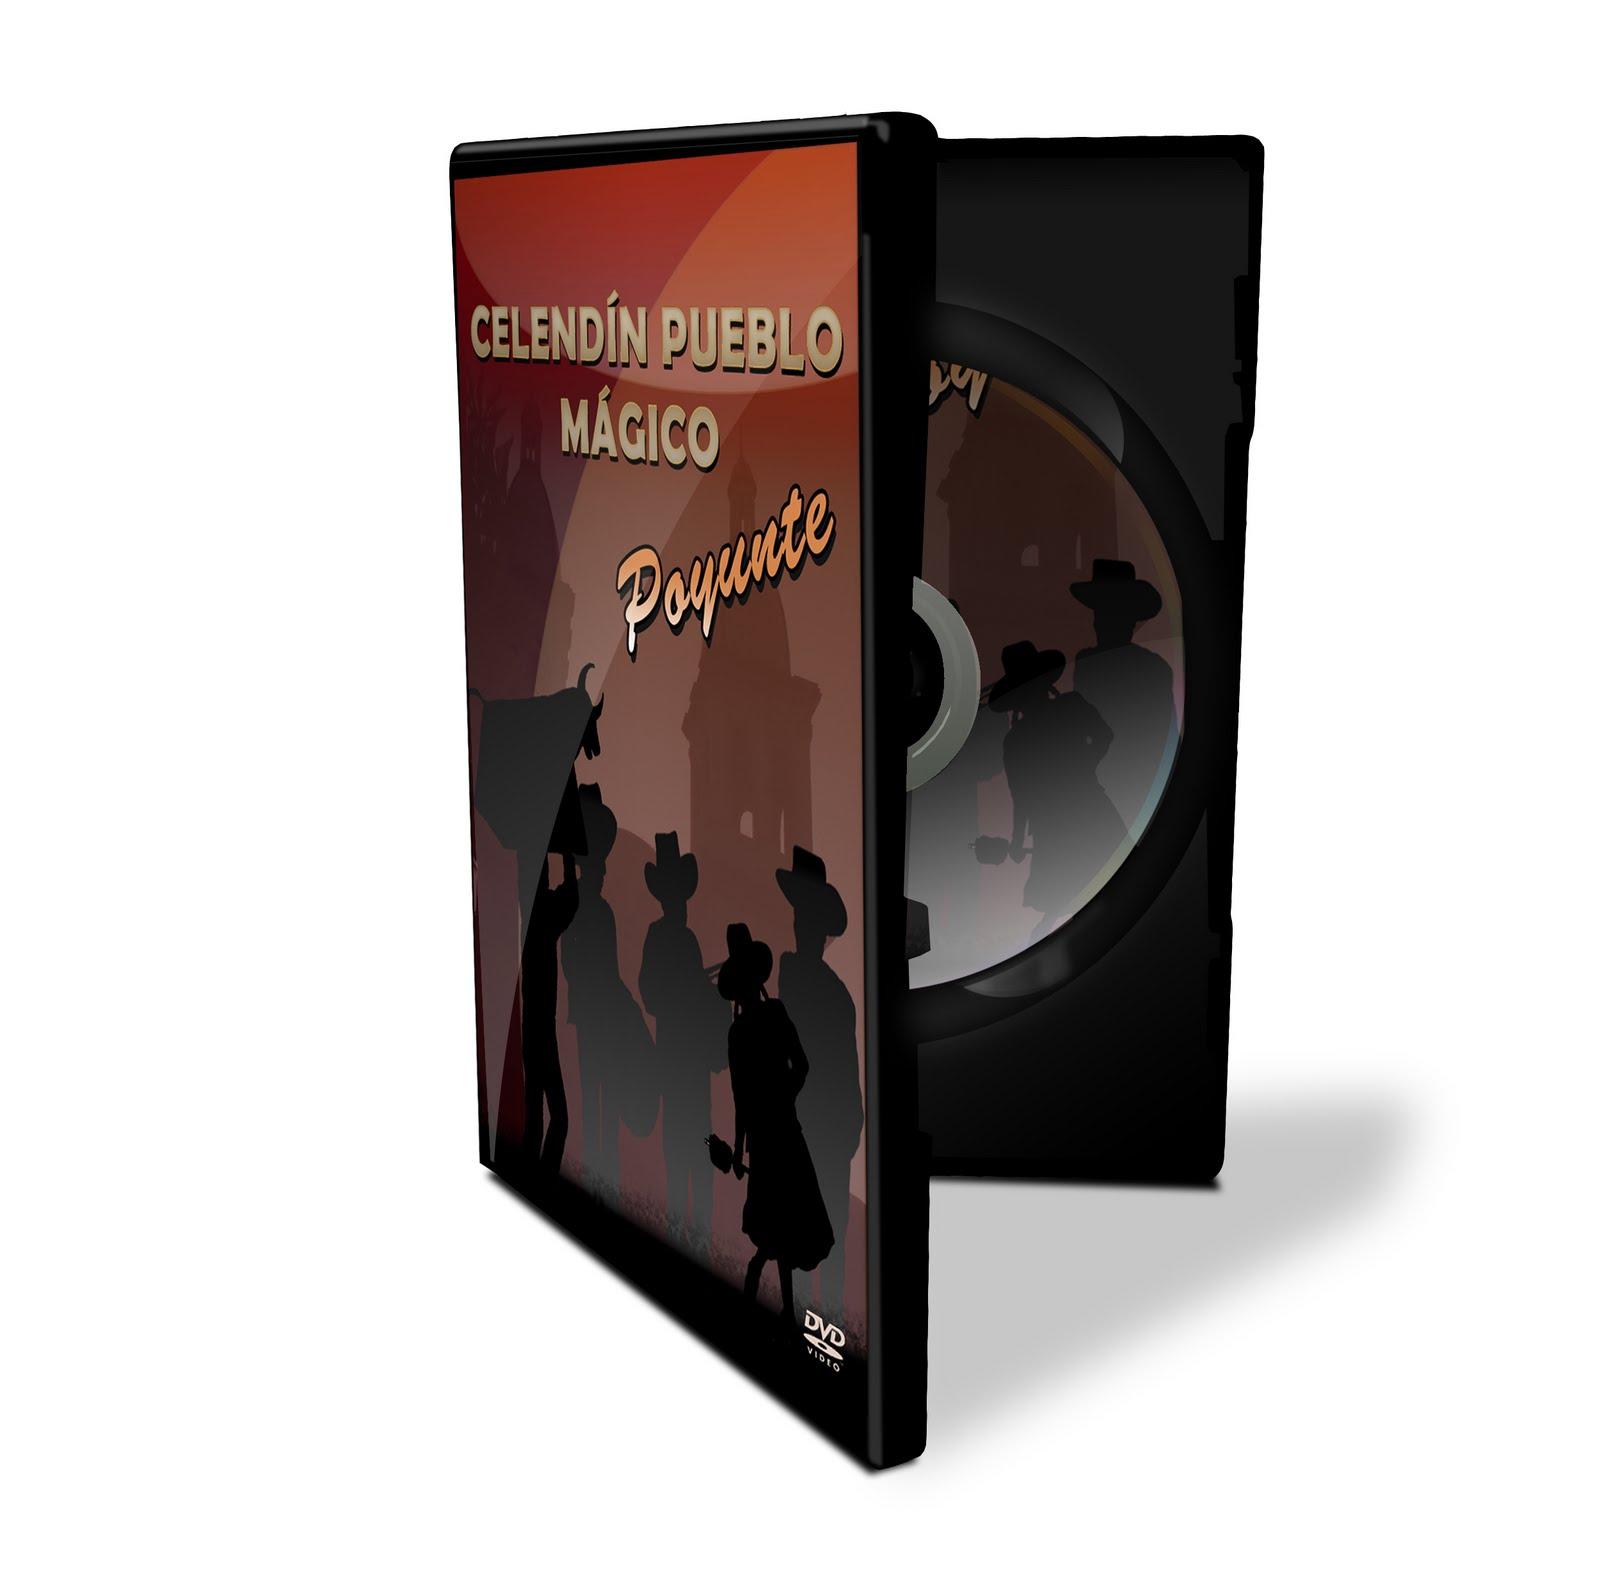 Descargar musica de planeta rock 2011 hyundai